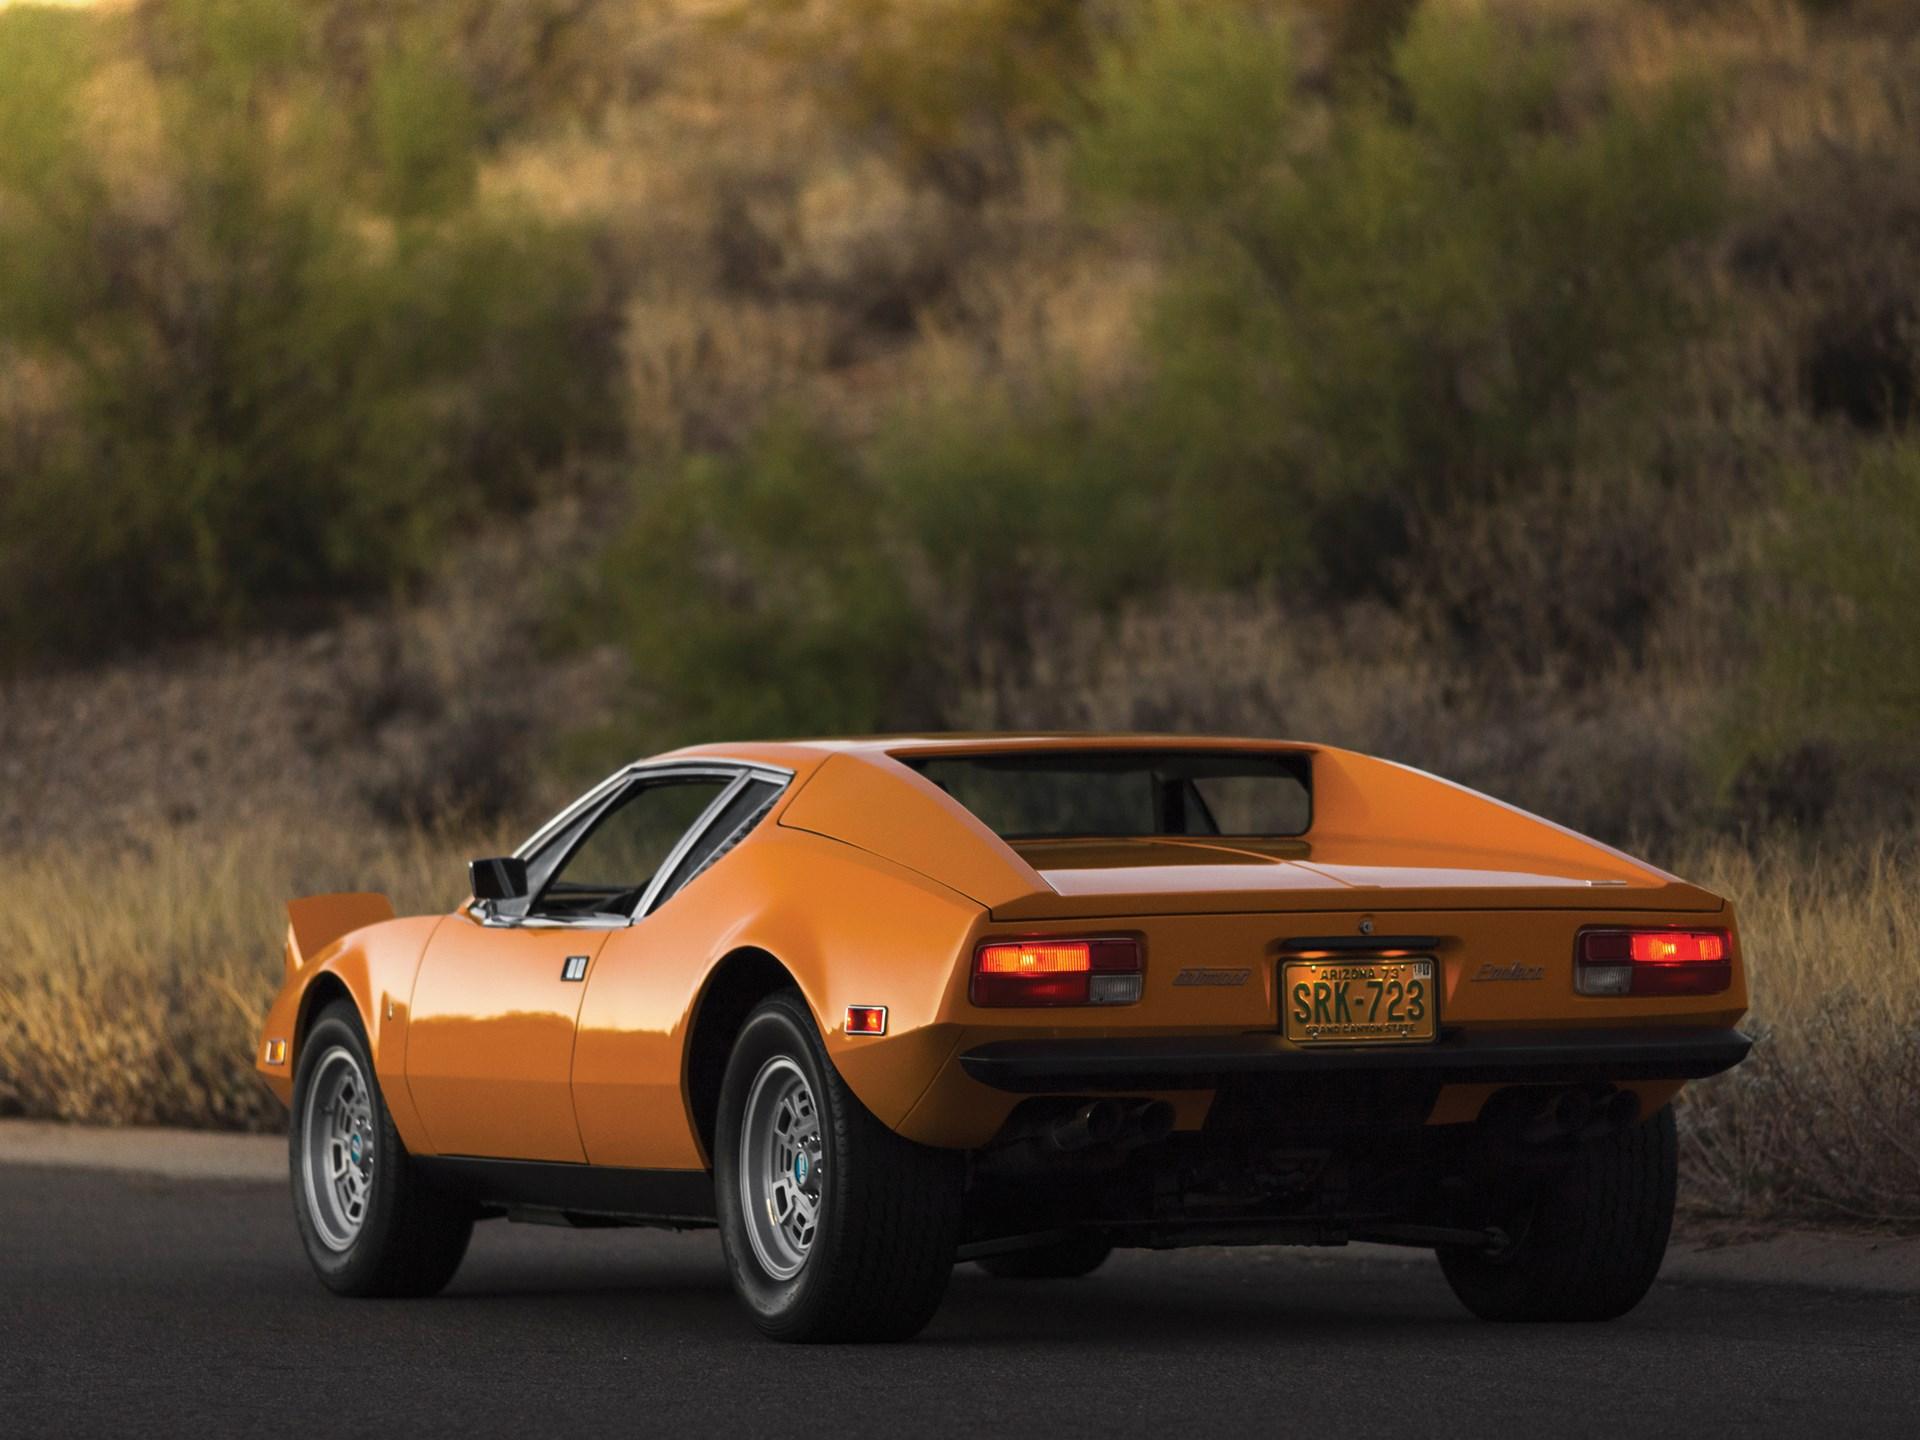 1973 De Tomaso Pantera 3/4 rear dark